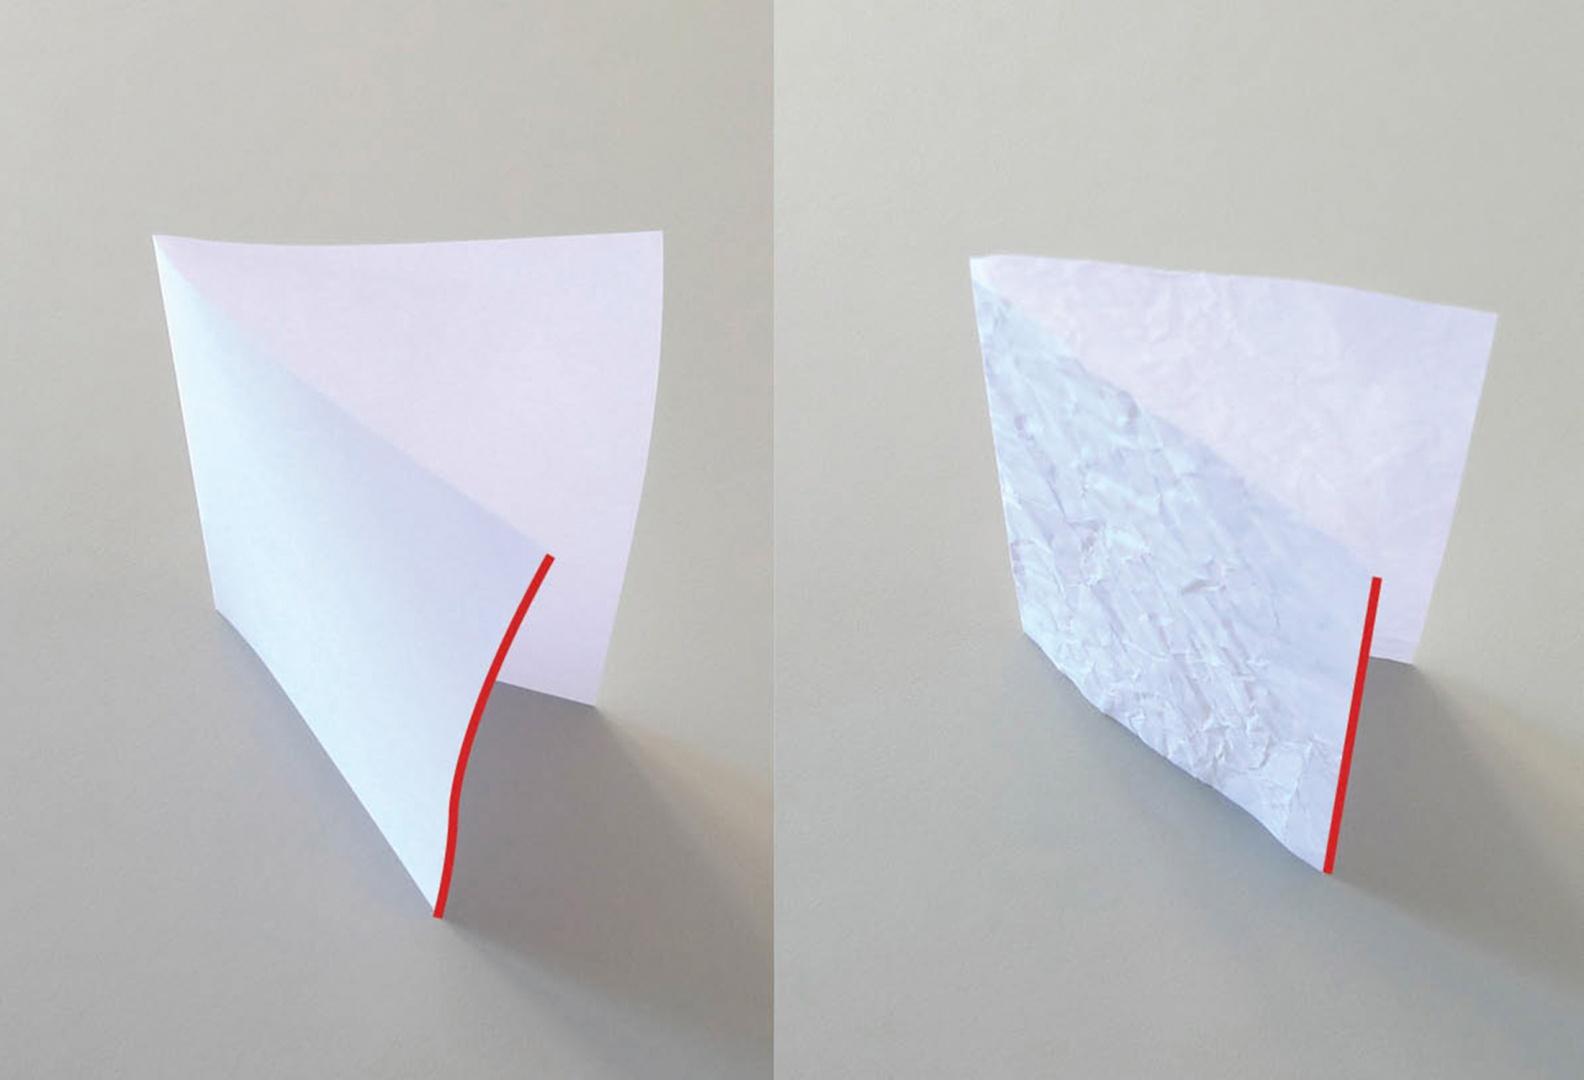 Statisches Prinzip Knitterwerk © Atelier M Architekten, Bild Atelier M Architekten